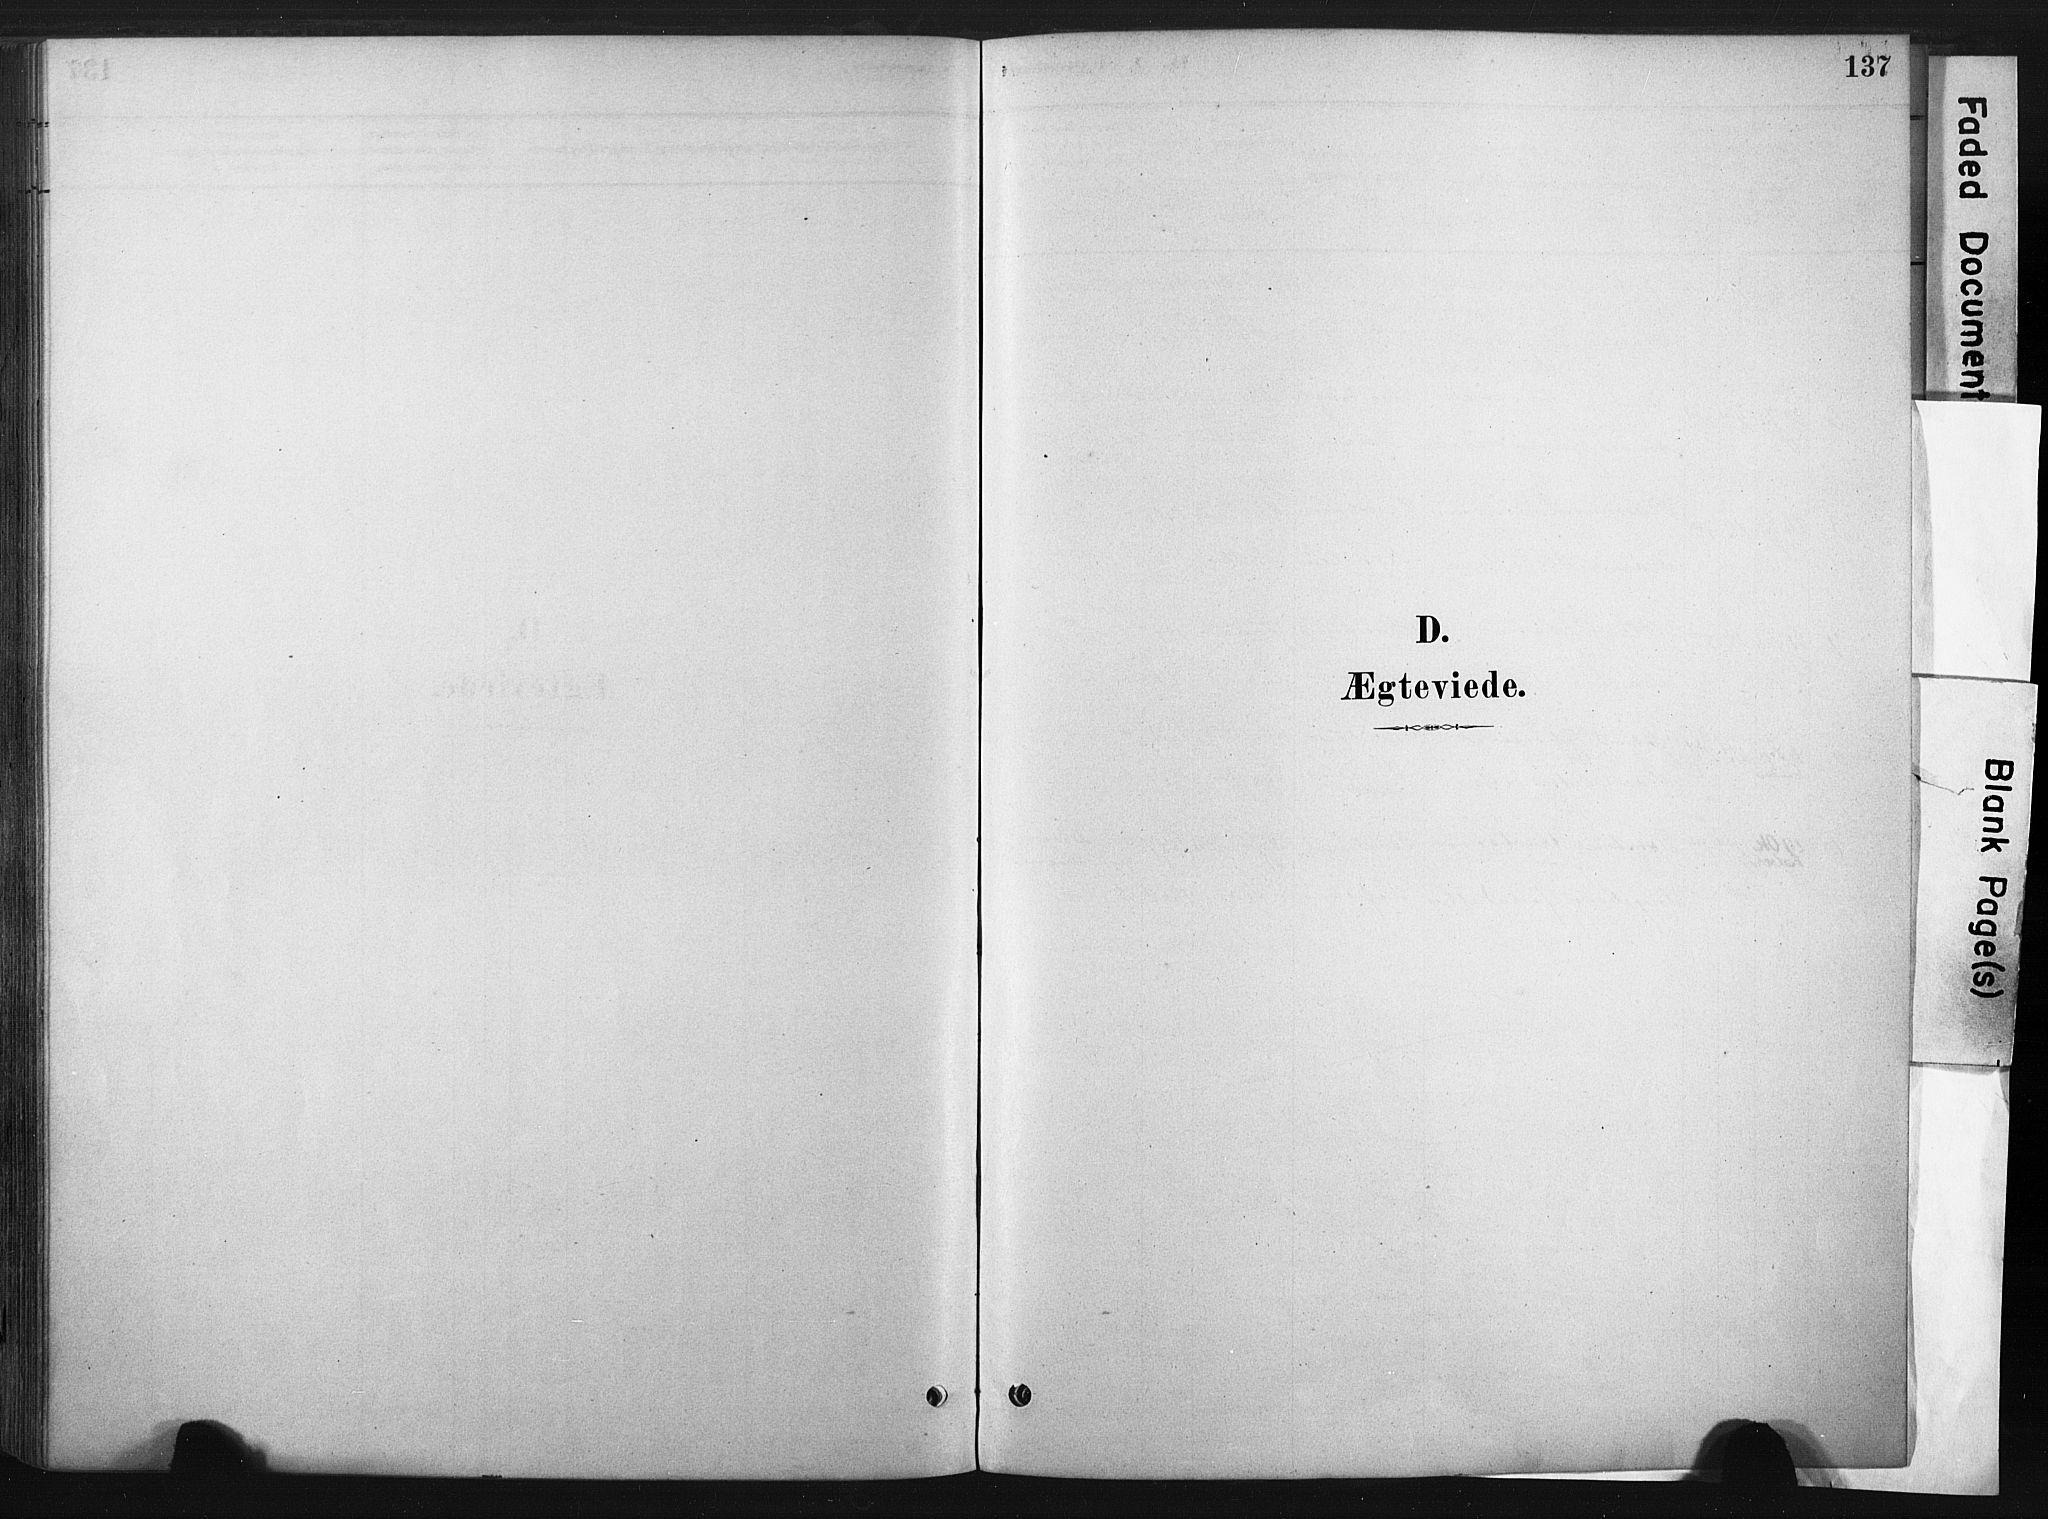 SAT, Ministerialprotokoller, klokkerbøker og fødselsregistre - Sør-Trøndelag, 667/L0795: Ministerialbok nr. 667A03, 1879-1907, s. 137